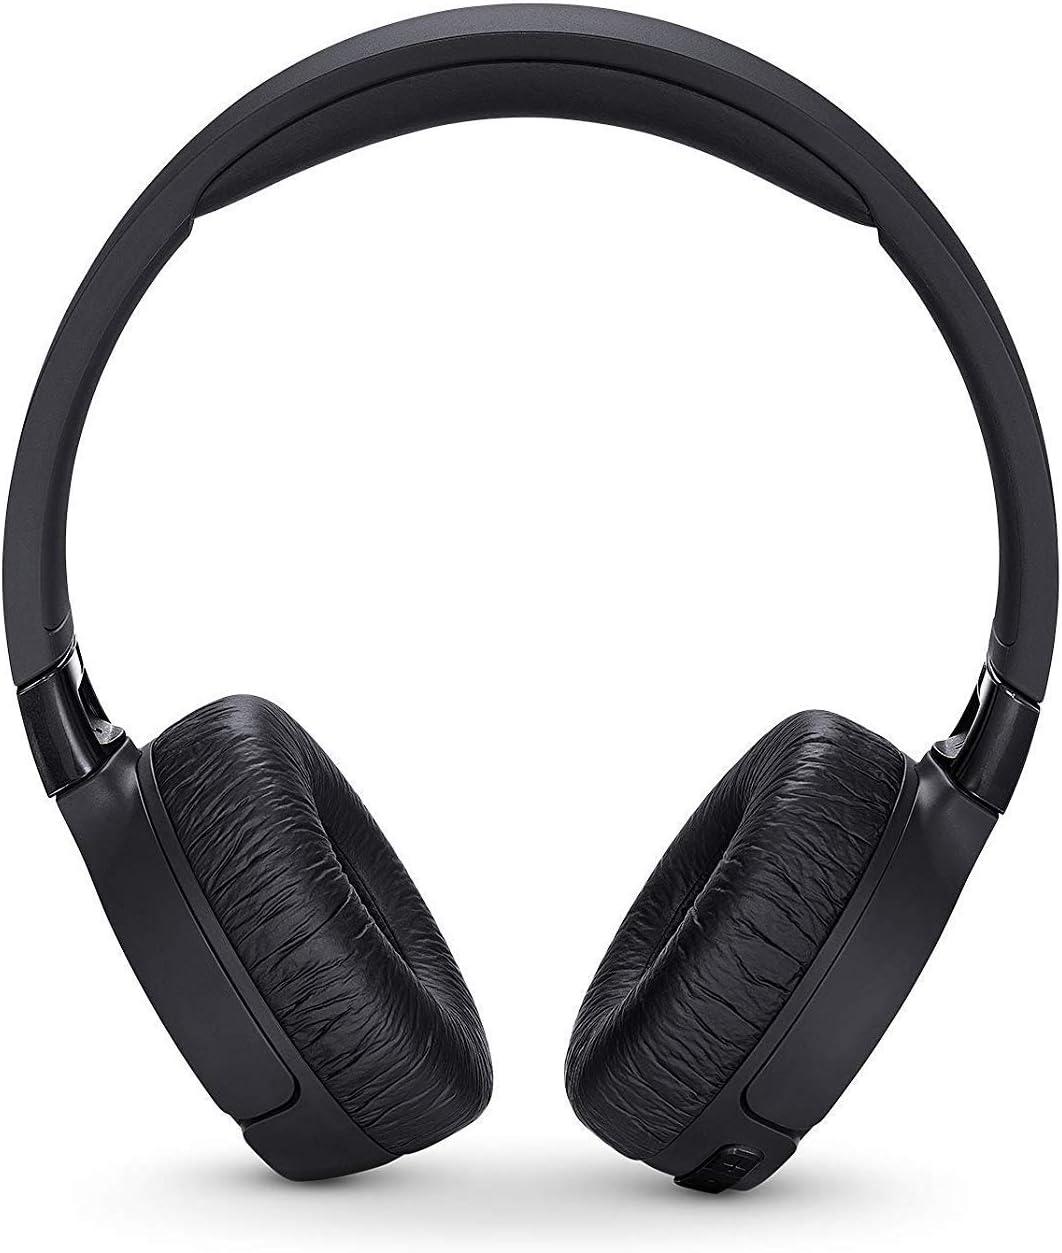 JBL Tune 600 BT ANC